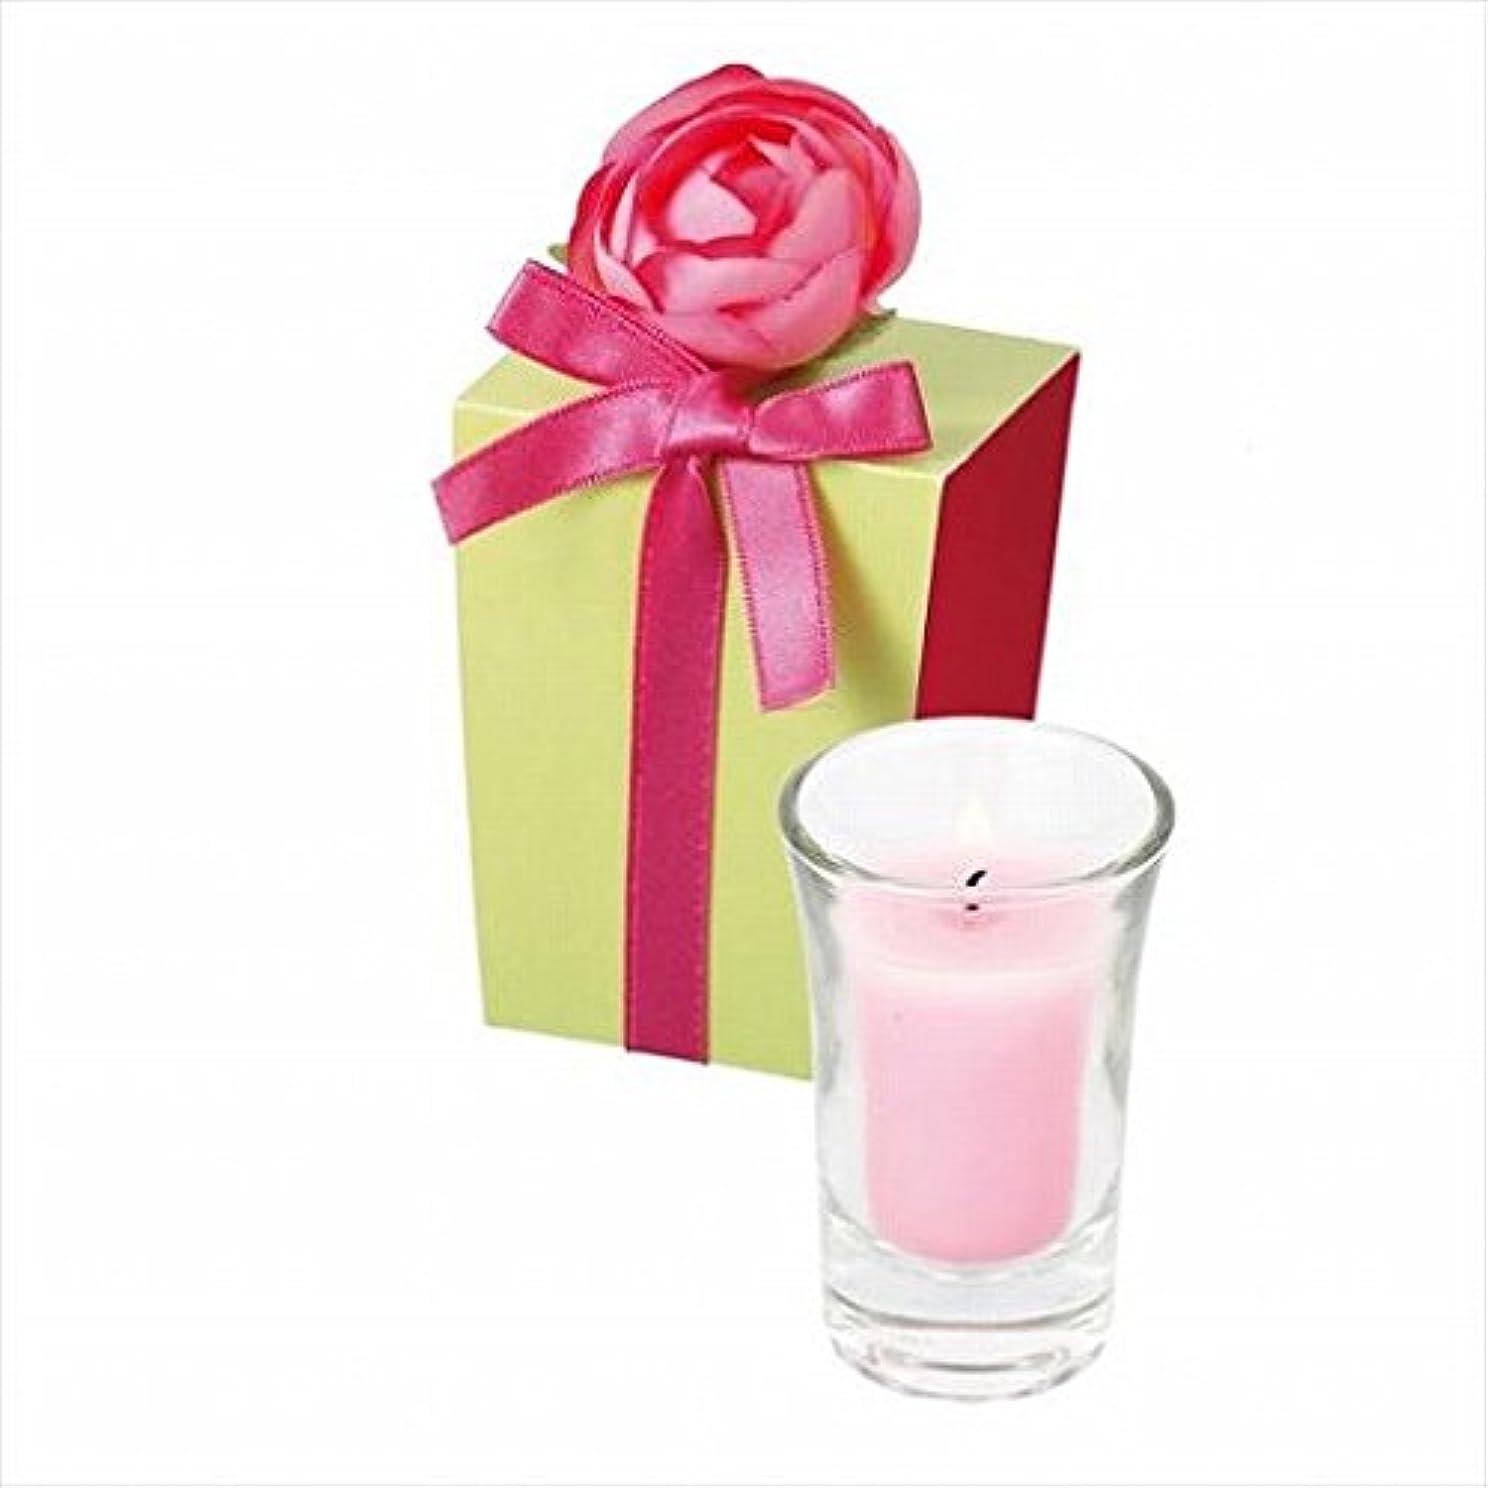 マガジン可能突進kameyama candle(カメヤマキャンドル) ラナンキュラスグラスキャンドル 「 ピンク 」(A9390500PK)